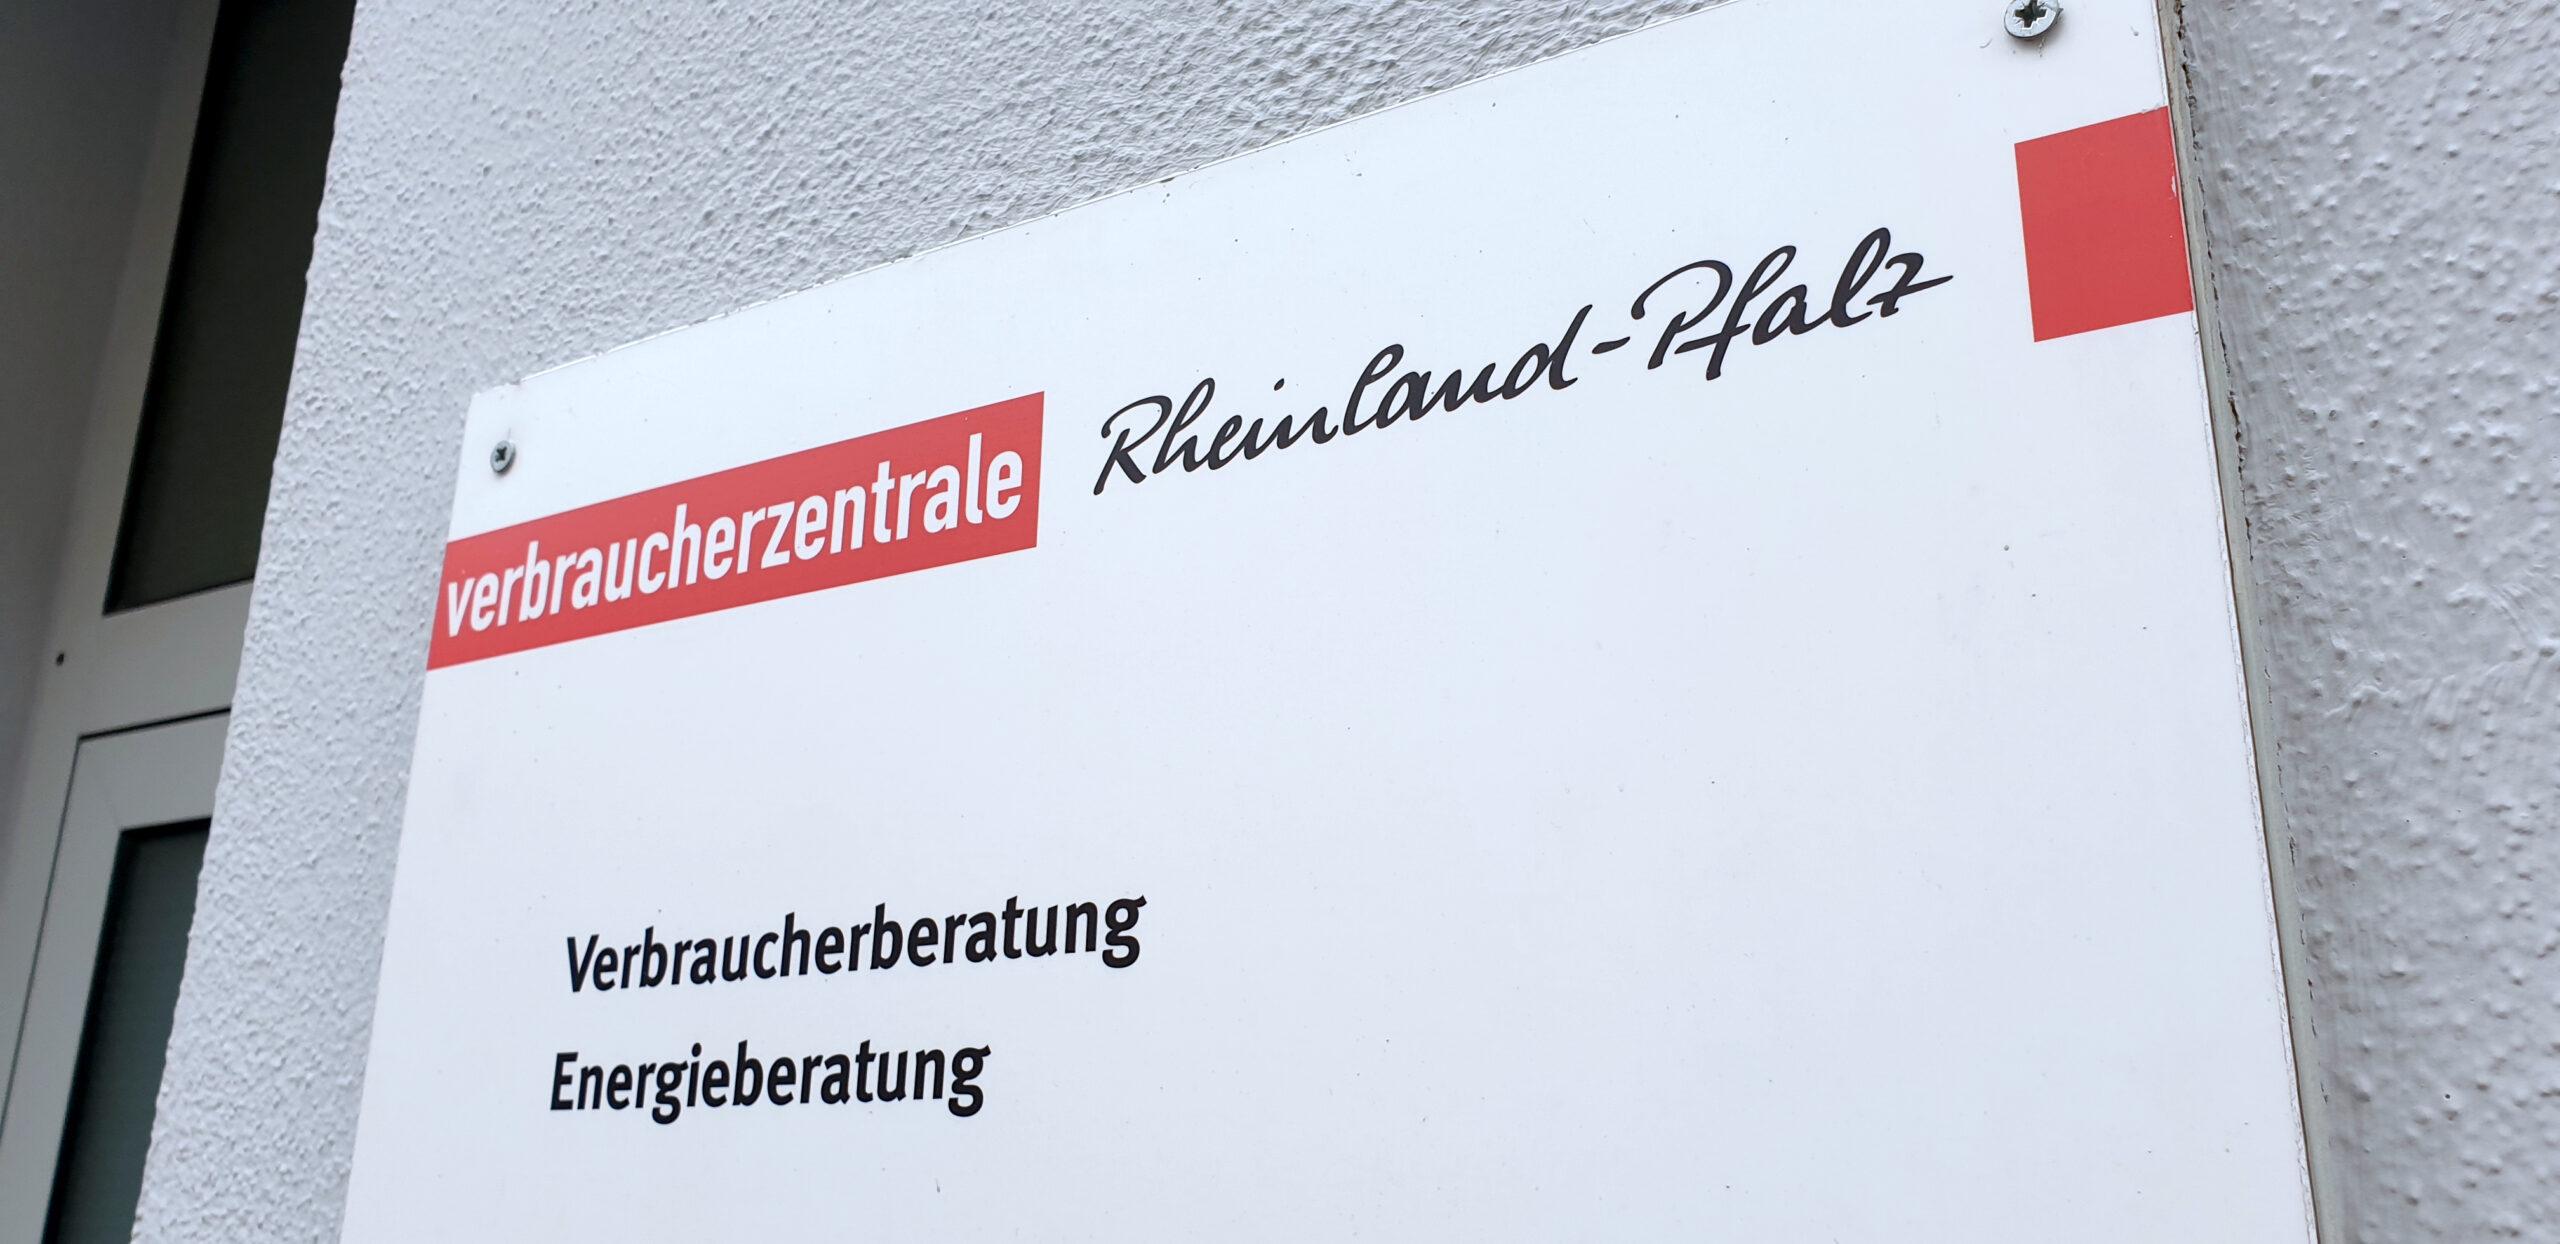 Verbraucherzentrale Kaiserslautern: Terminvereinbarung mit persönlicher Beratung ab sofort wieder möglich